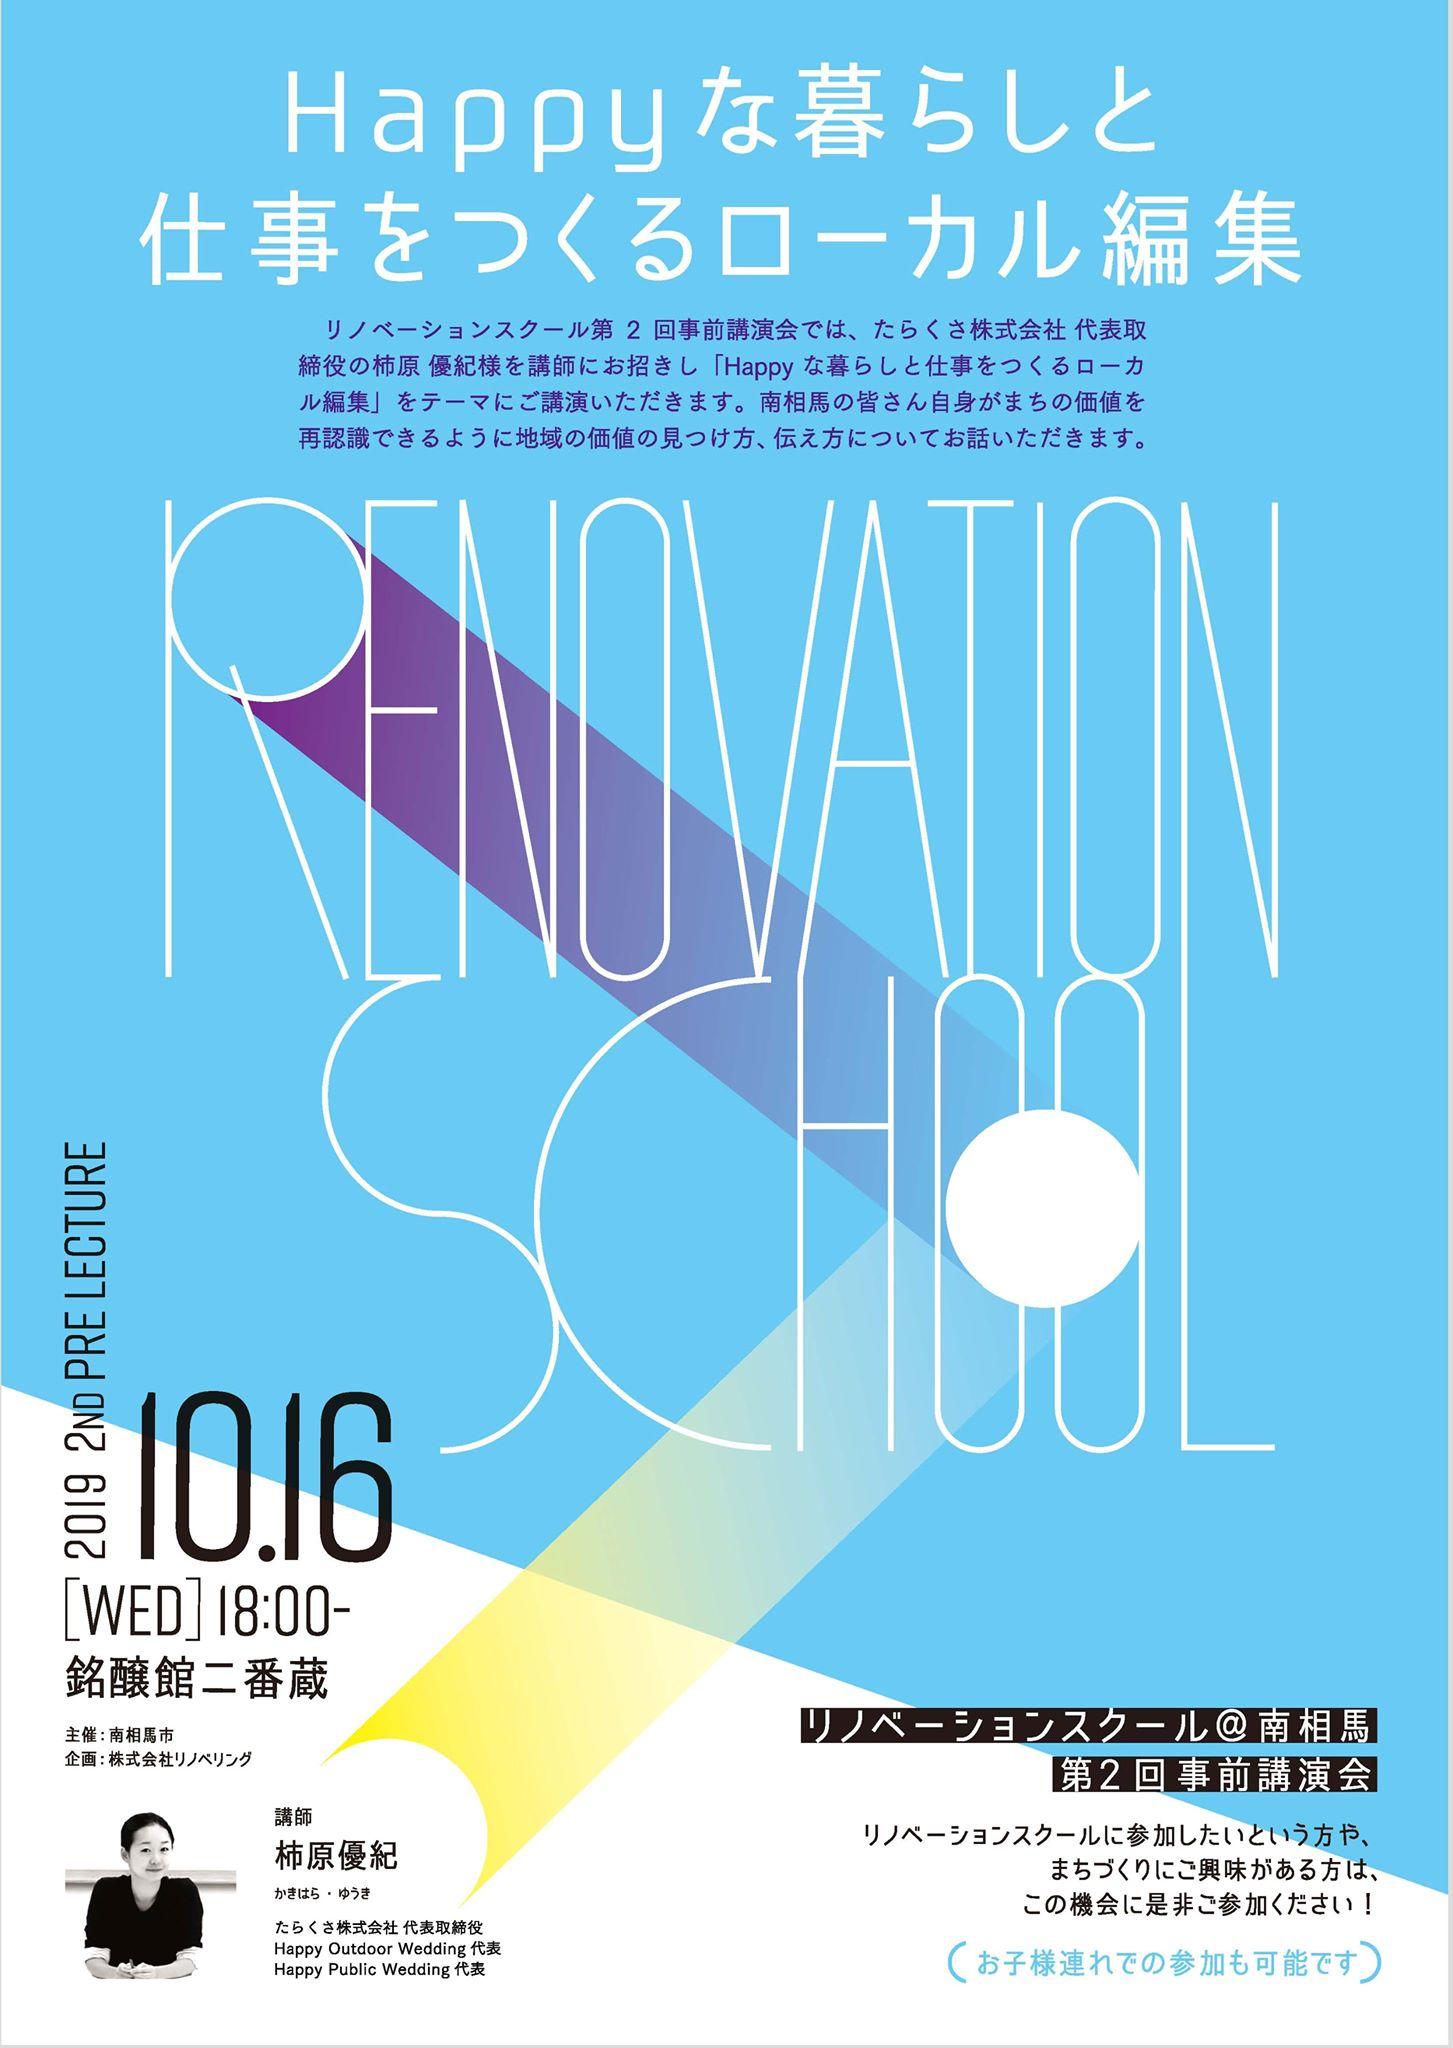 2019.10.16リノベーションスクール@南相馬 第2回事前講演会